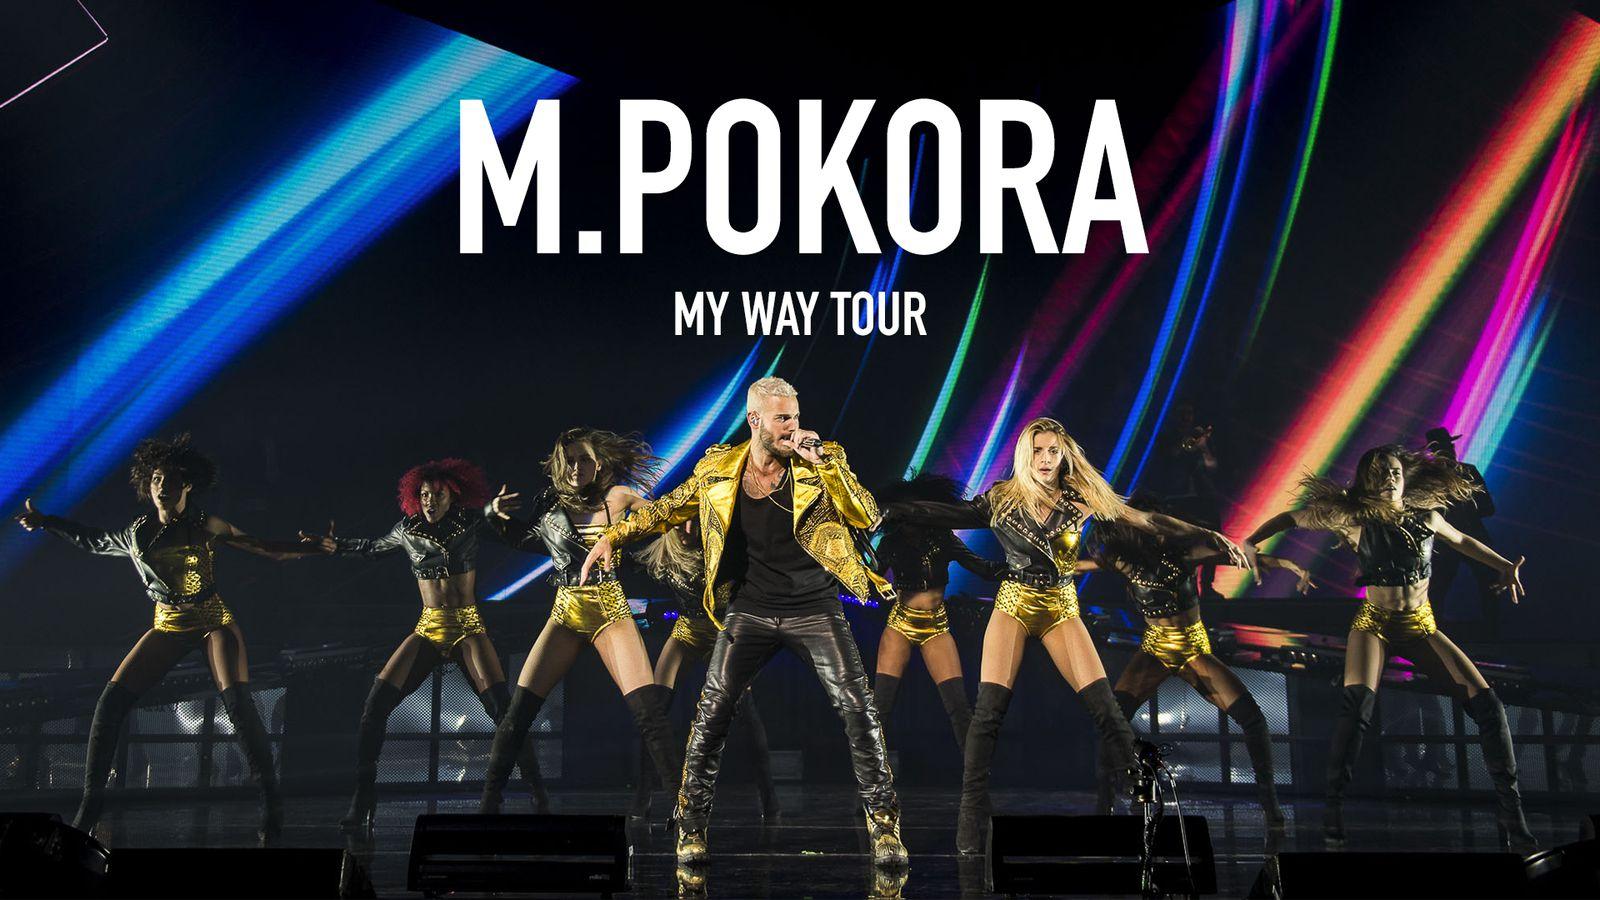 """Le concert """"My Way Tour"""" de M Pokora diffusé ce soir sur W9"""